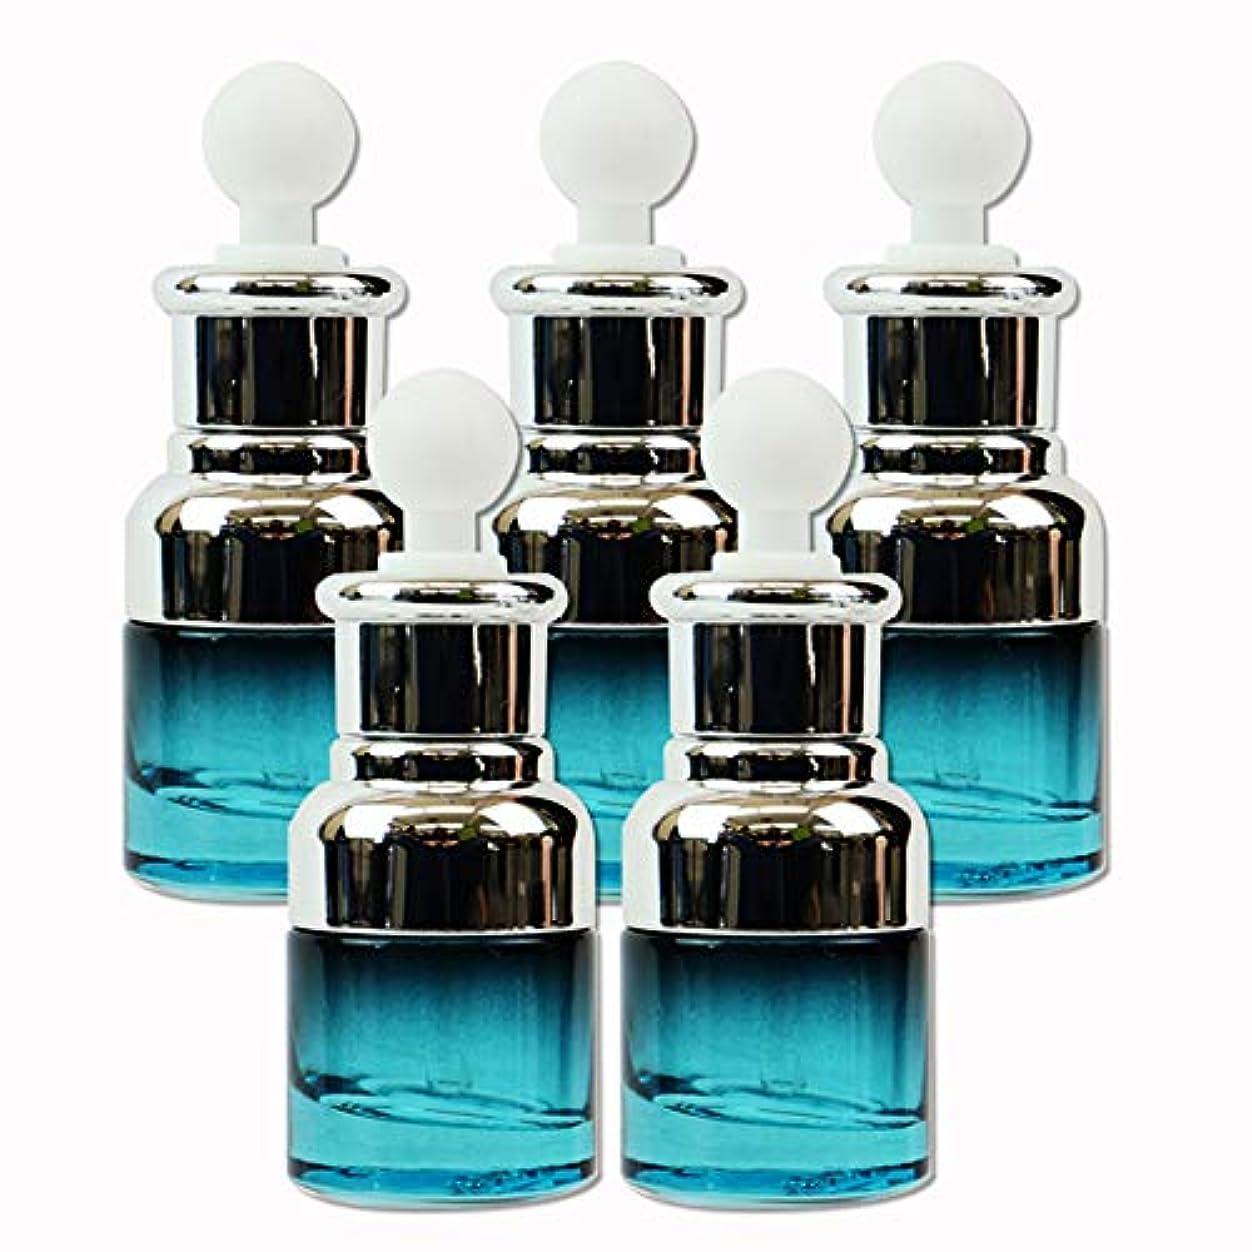 岸カポックトピックedog ガラス製 遮光ボトル 5本セット スポイト式 20ml 香水 エッセンシャルオイル アロマ